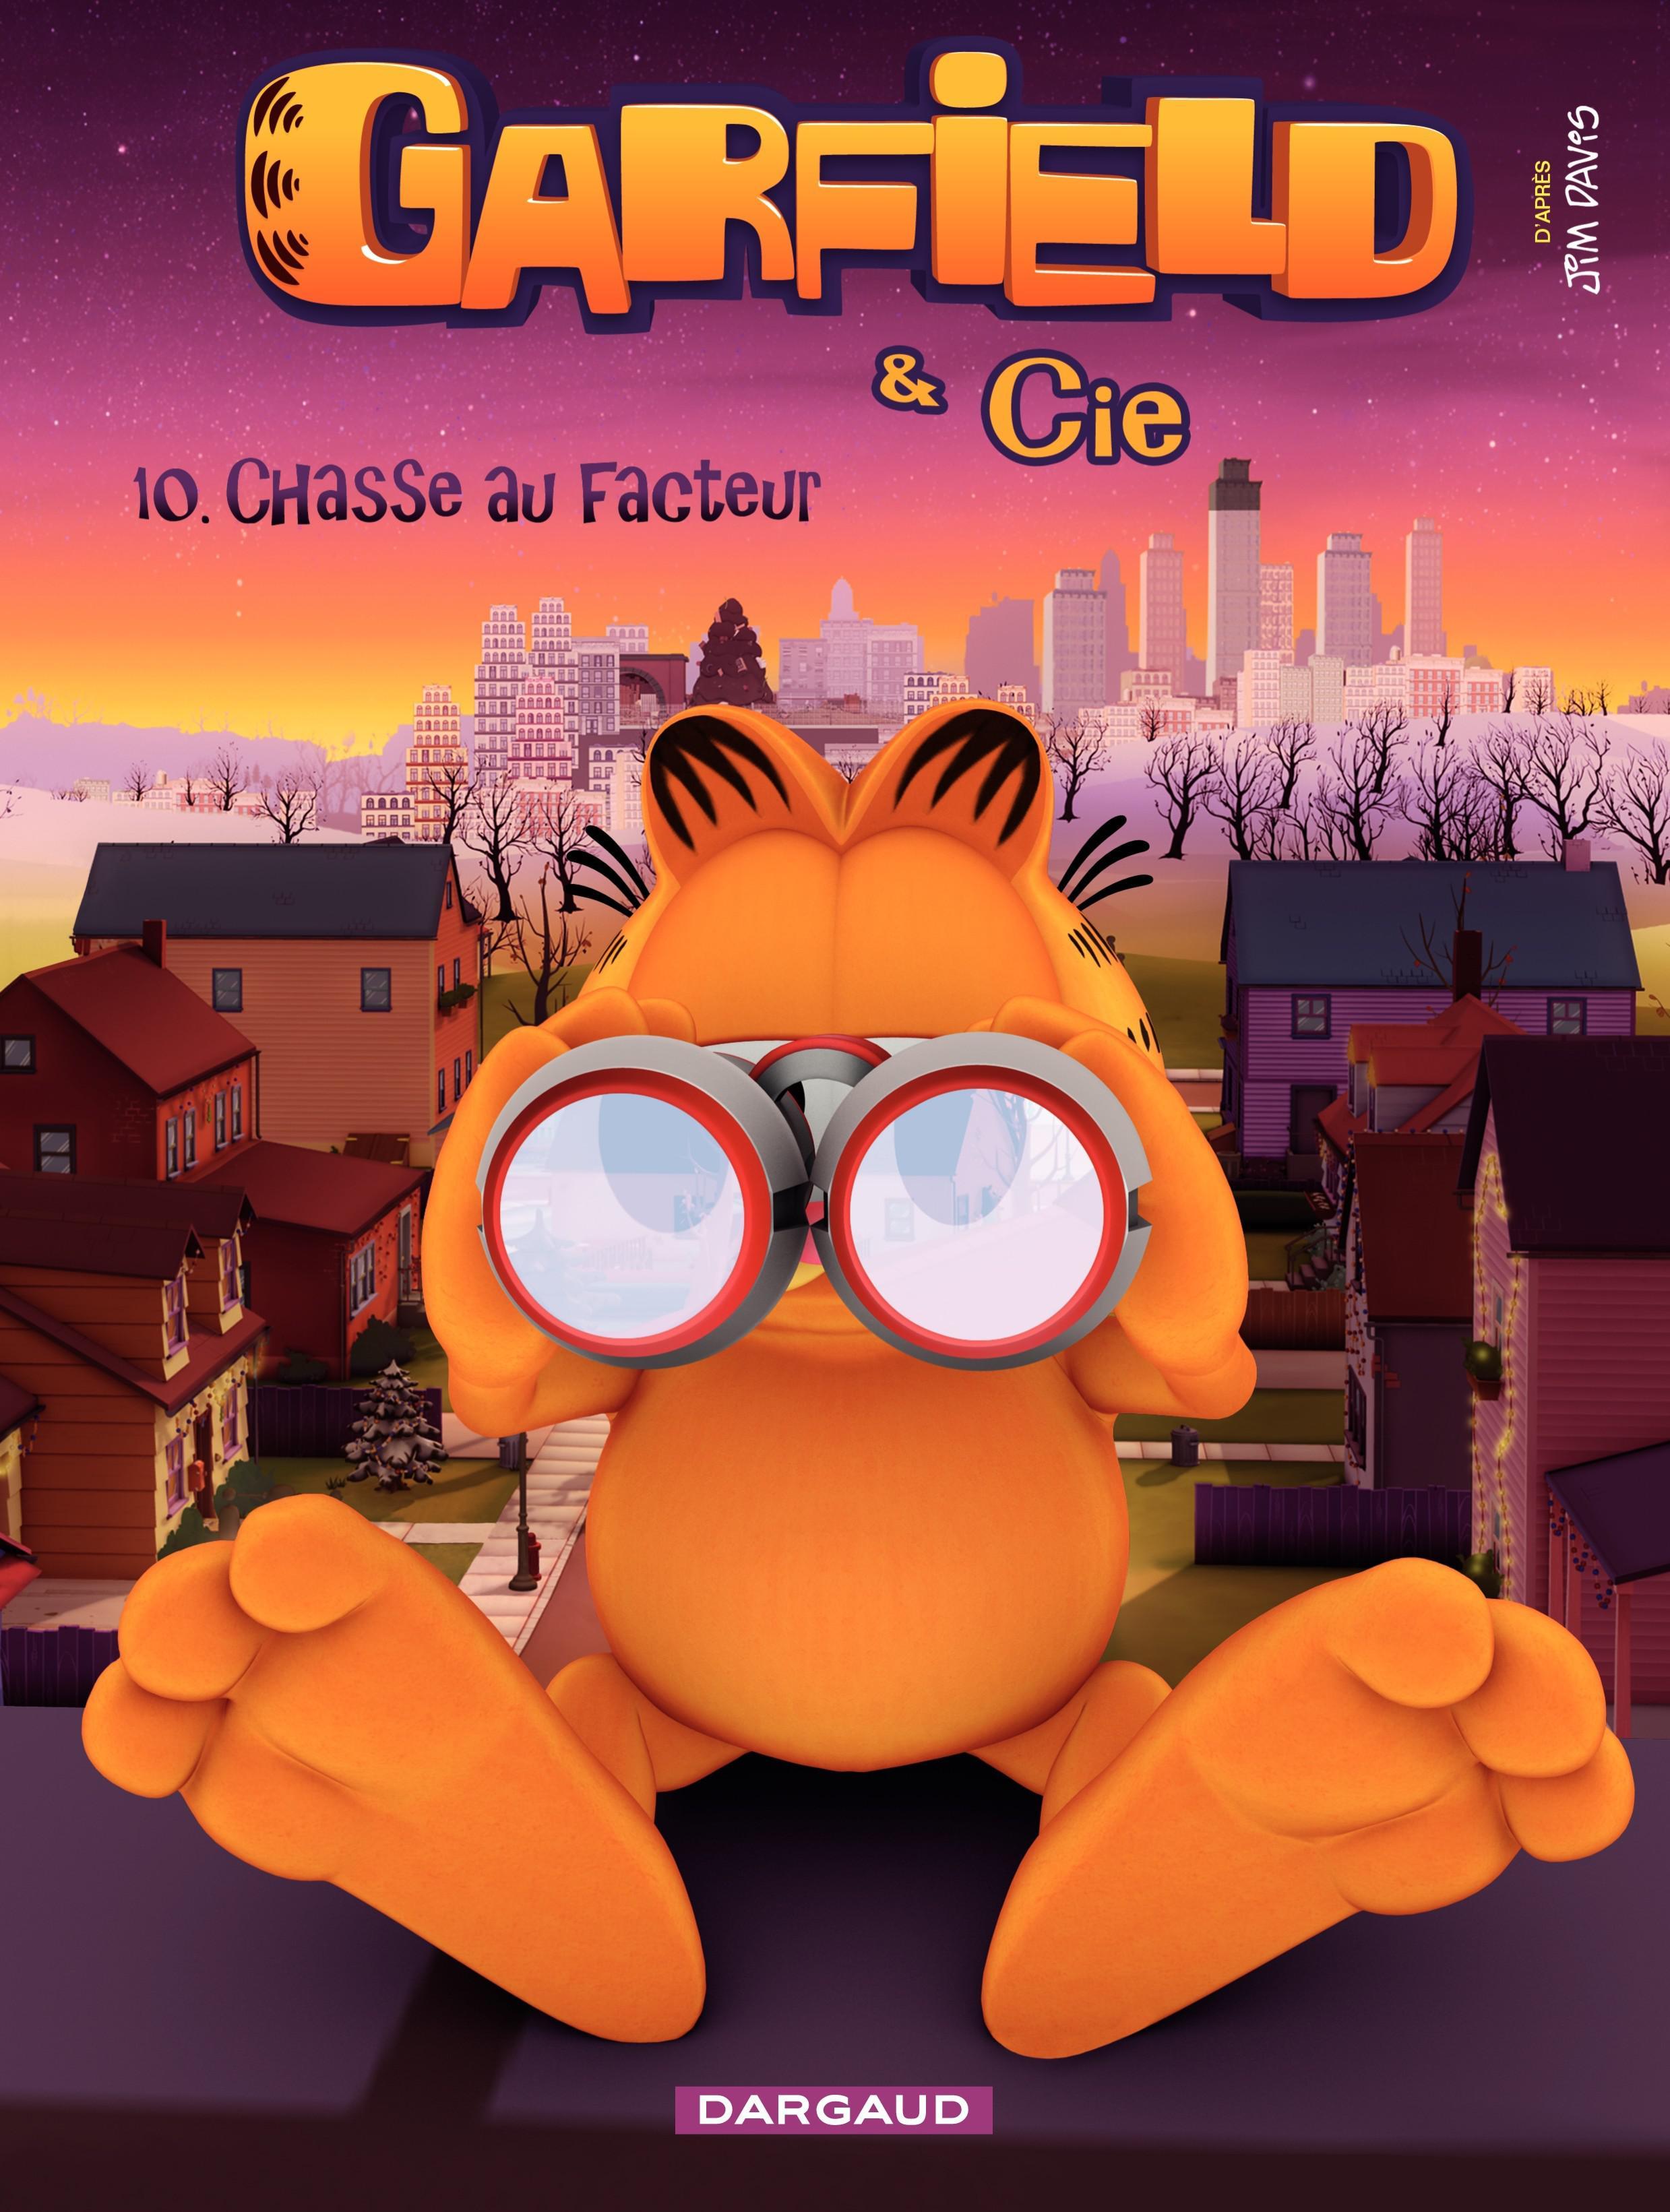 Garfield et Cie - Tome 10 - Chasse au facteur (10)